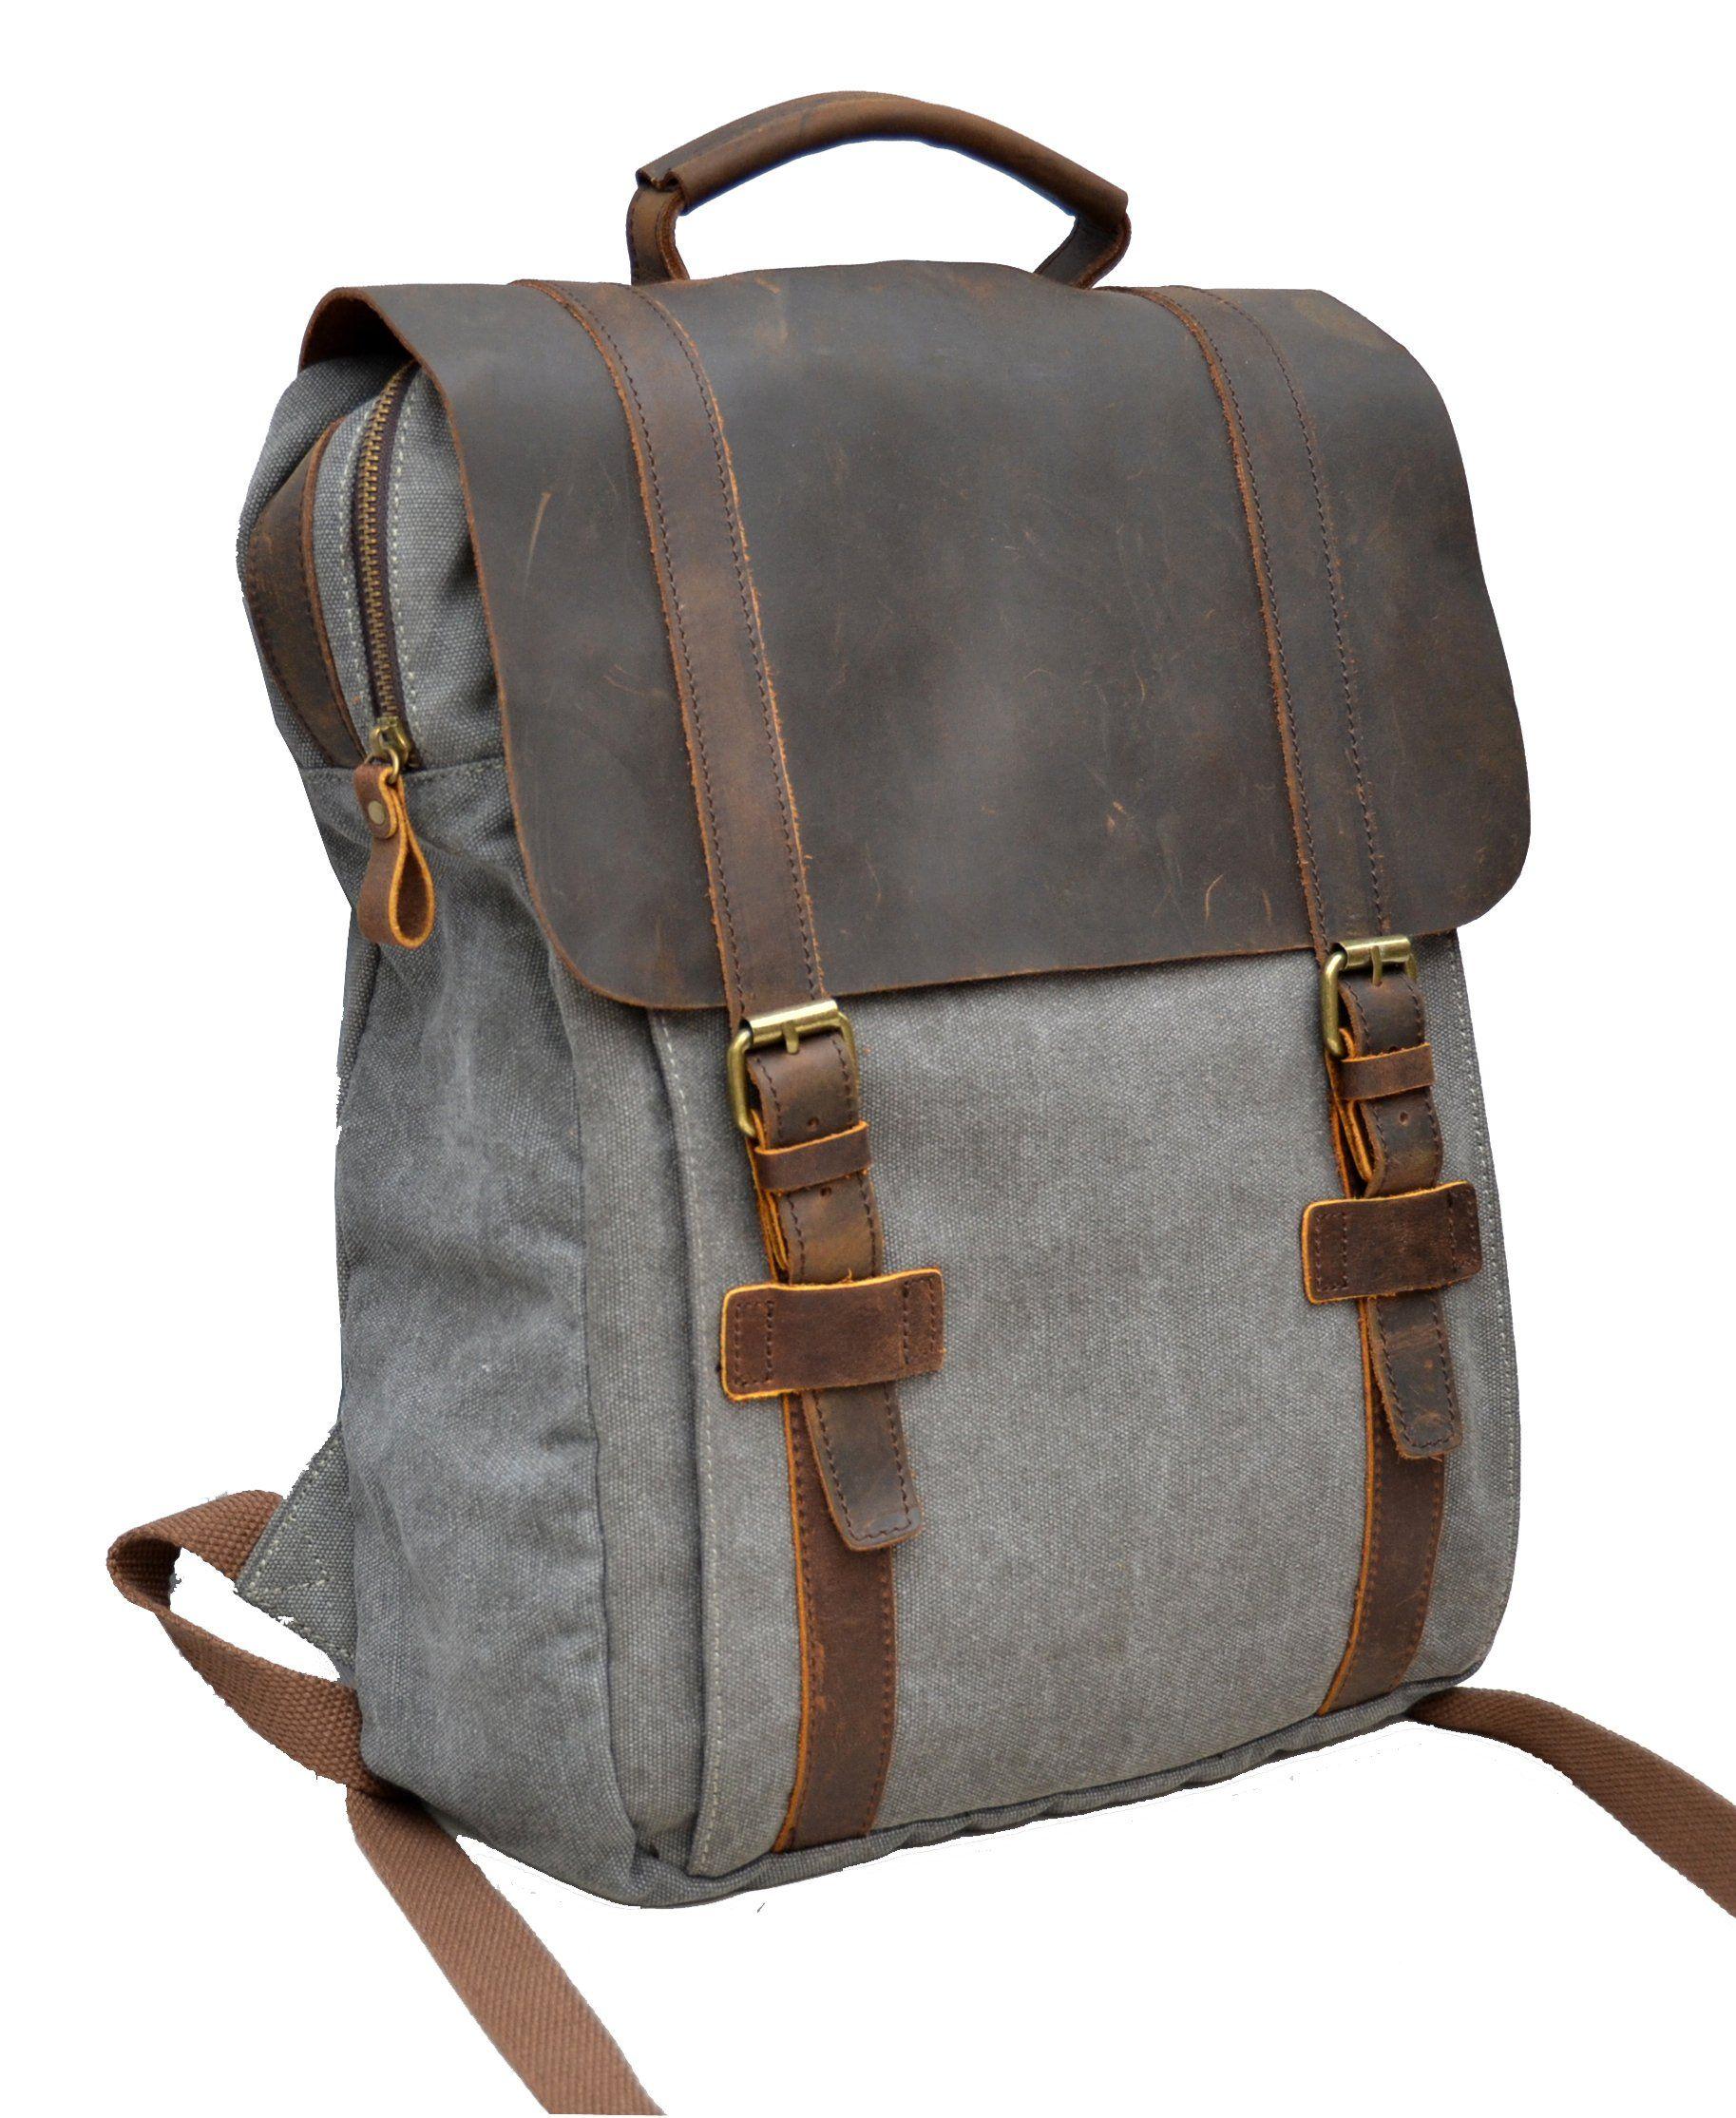 Sacs de voyage de plein air de Bohême de voyage portent le sac fourre-tout à l'épaule grands sacs de voyage de toile D6IE6